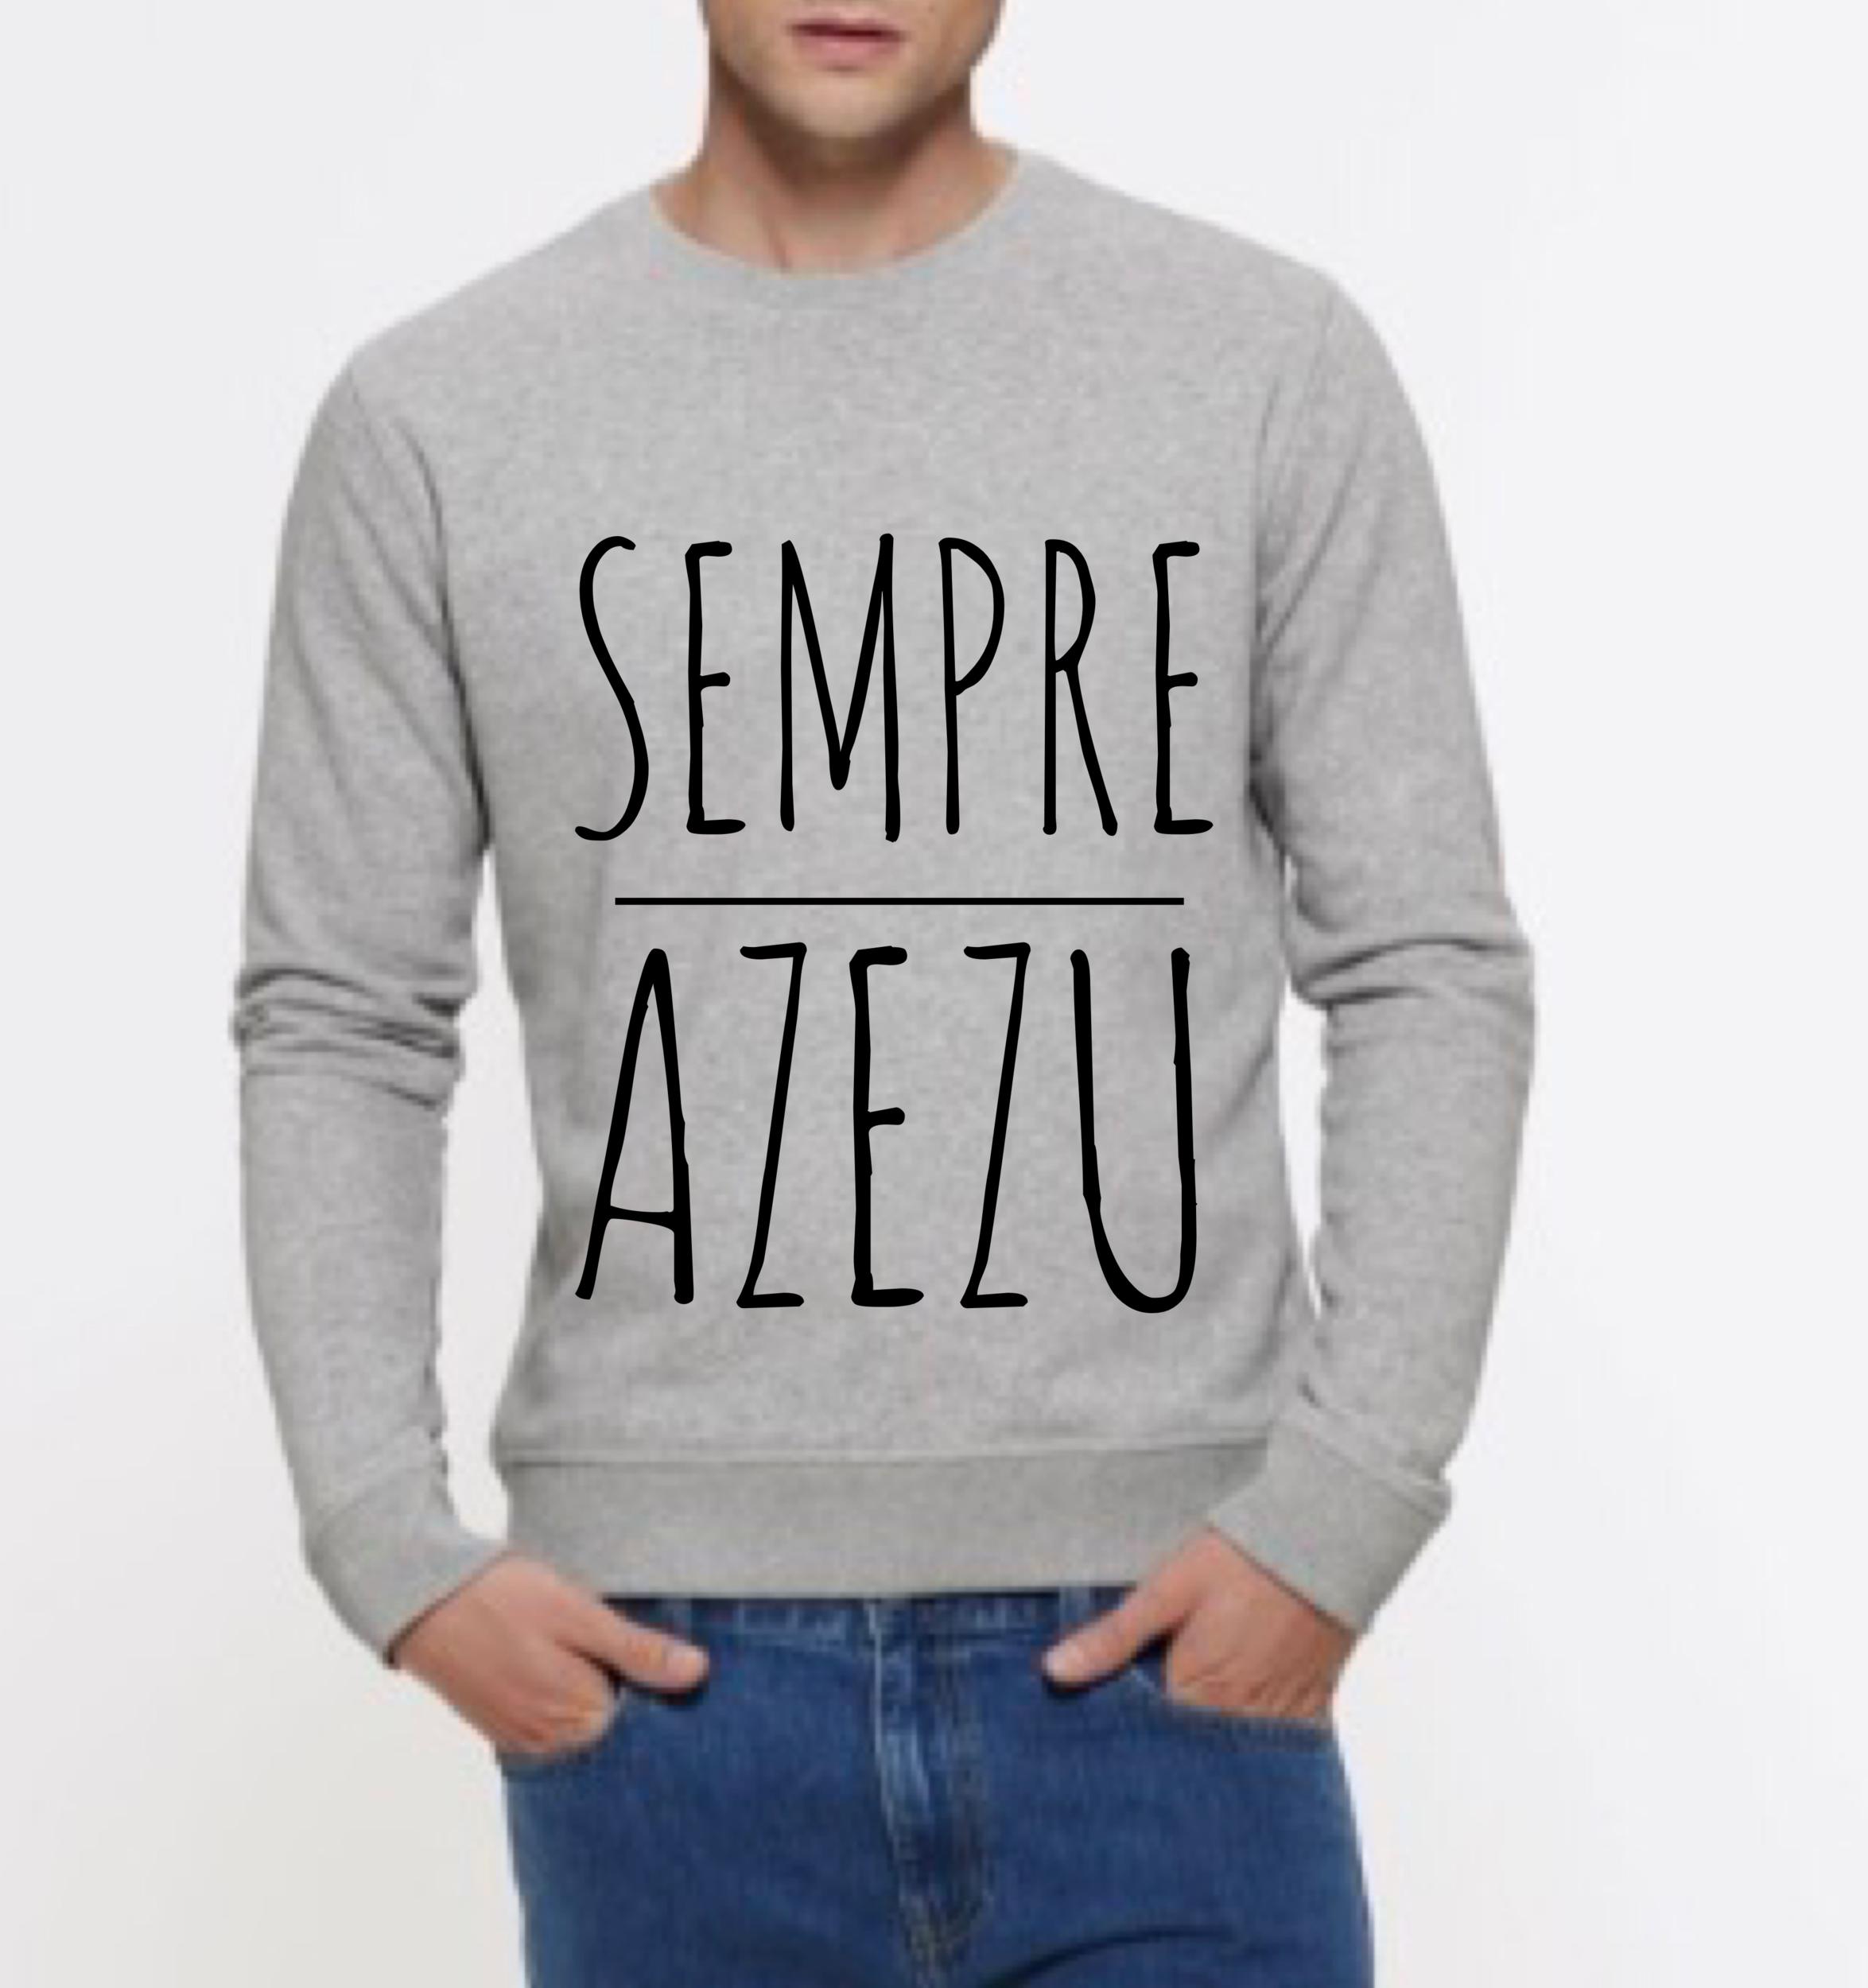 AZEZU